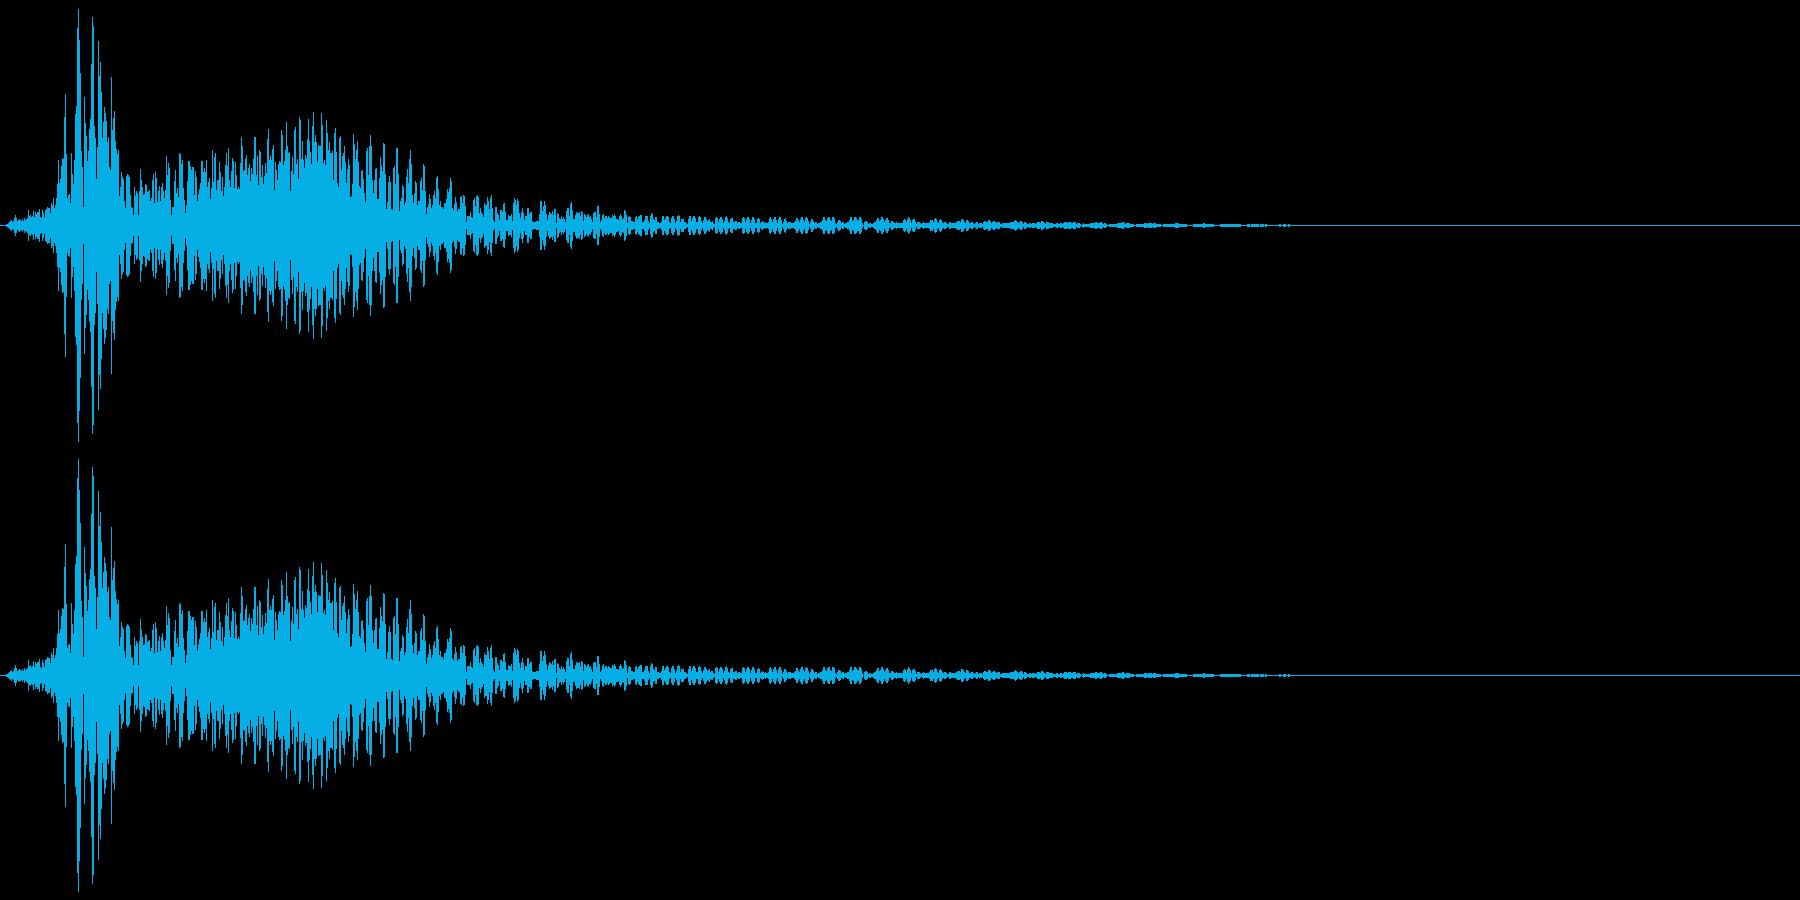 ボタン音、キャンセル音(残念、失敗)の再生済みの波形